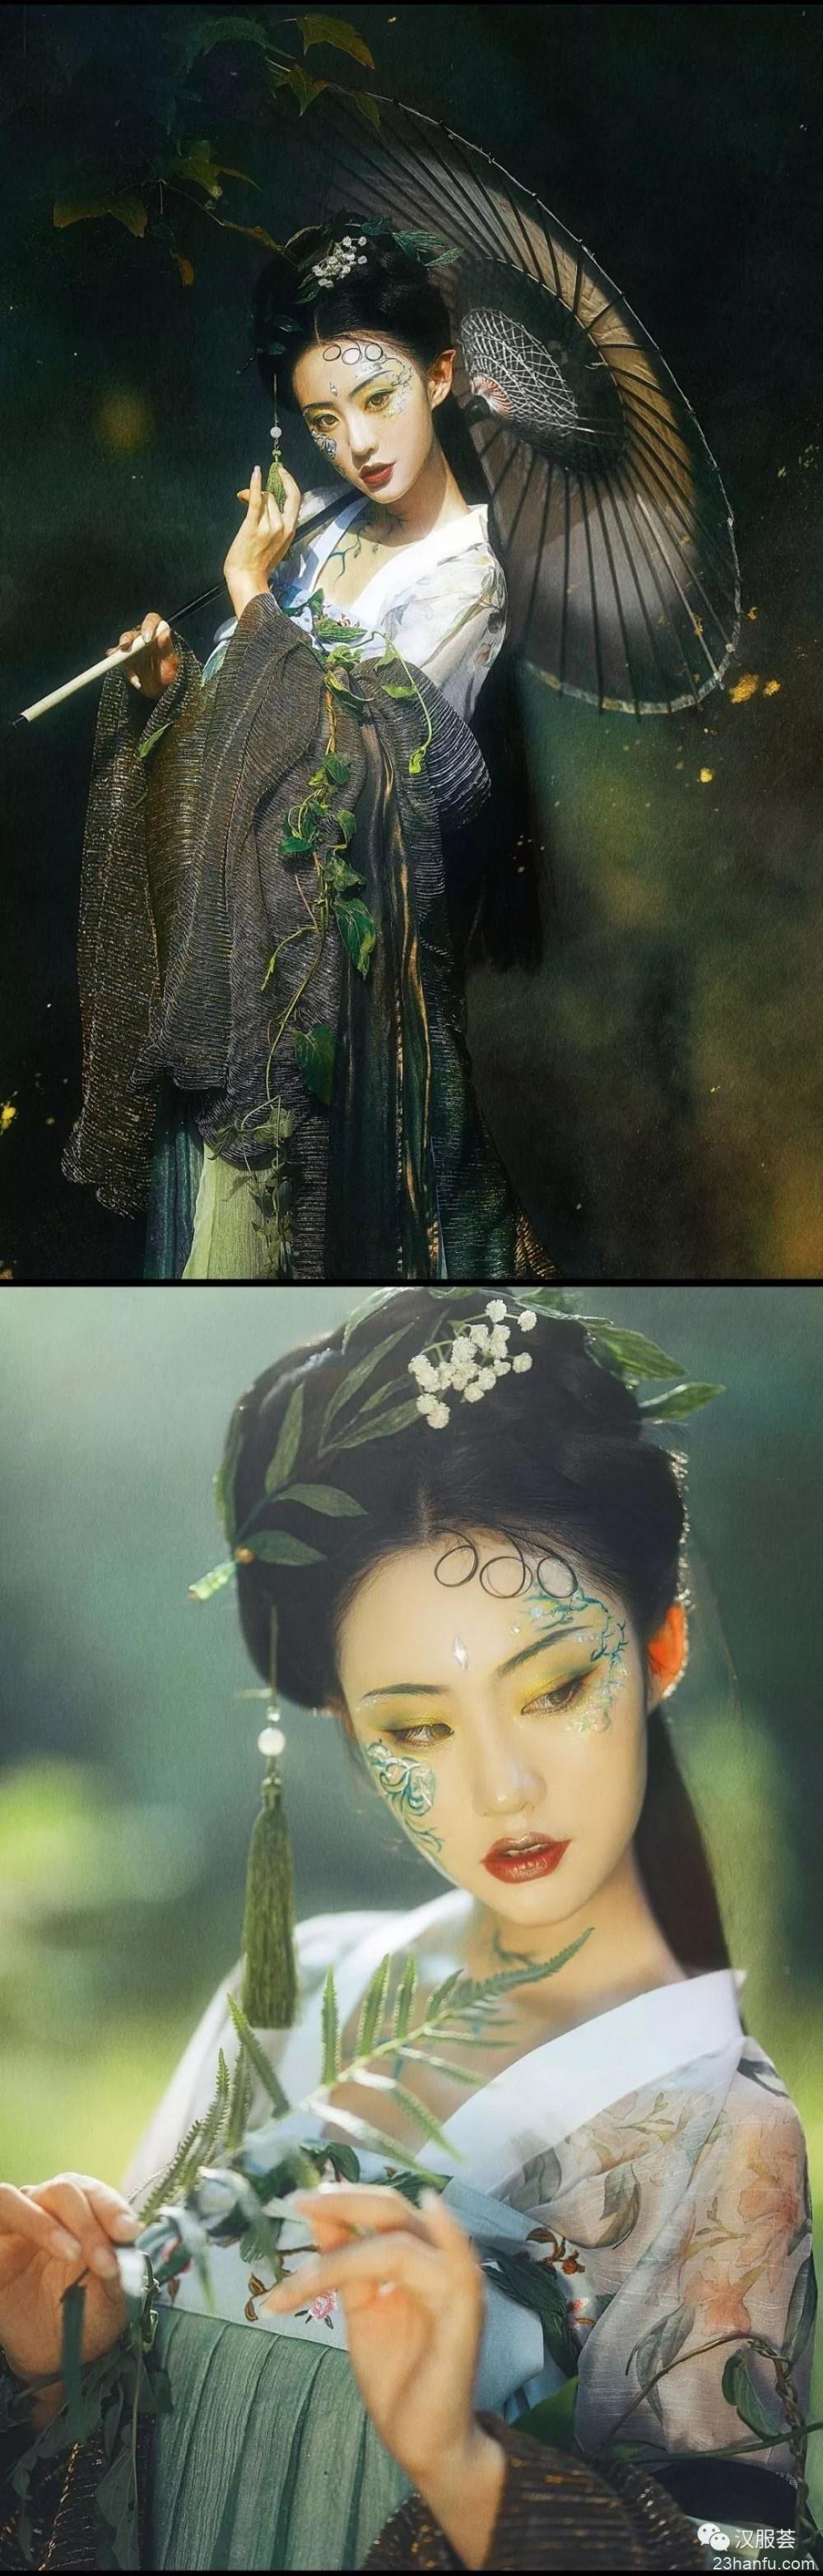 【汉服奇幻】树妖